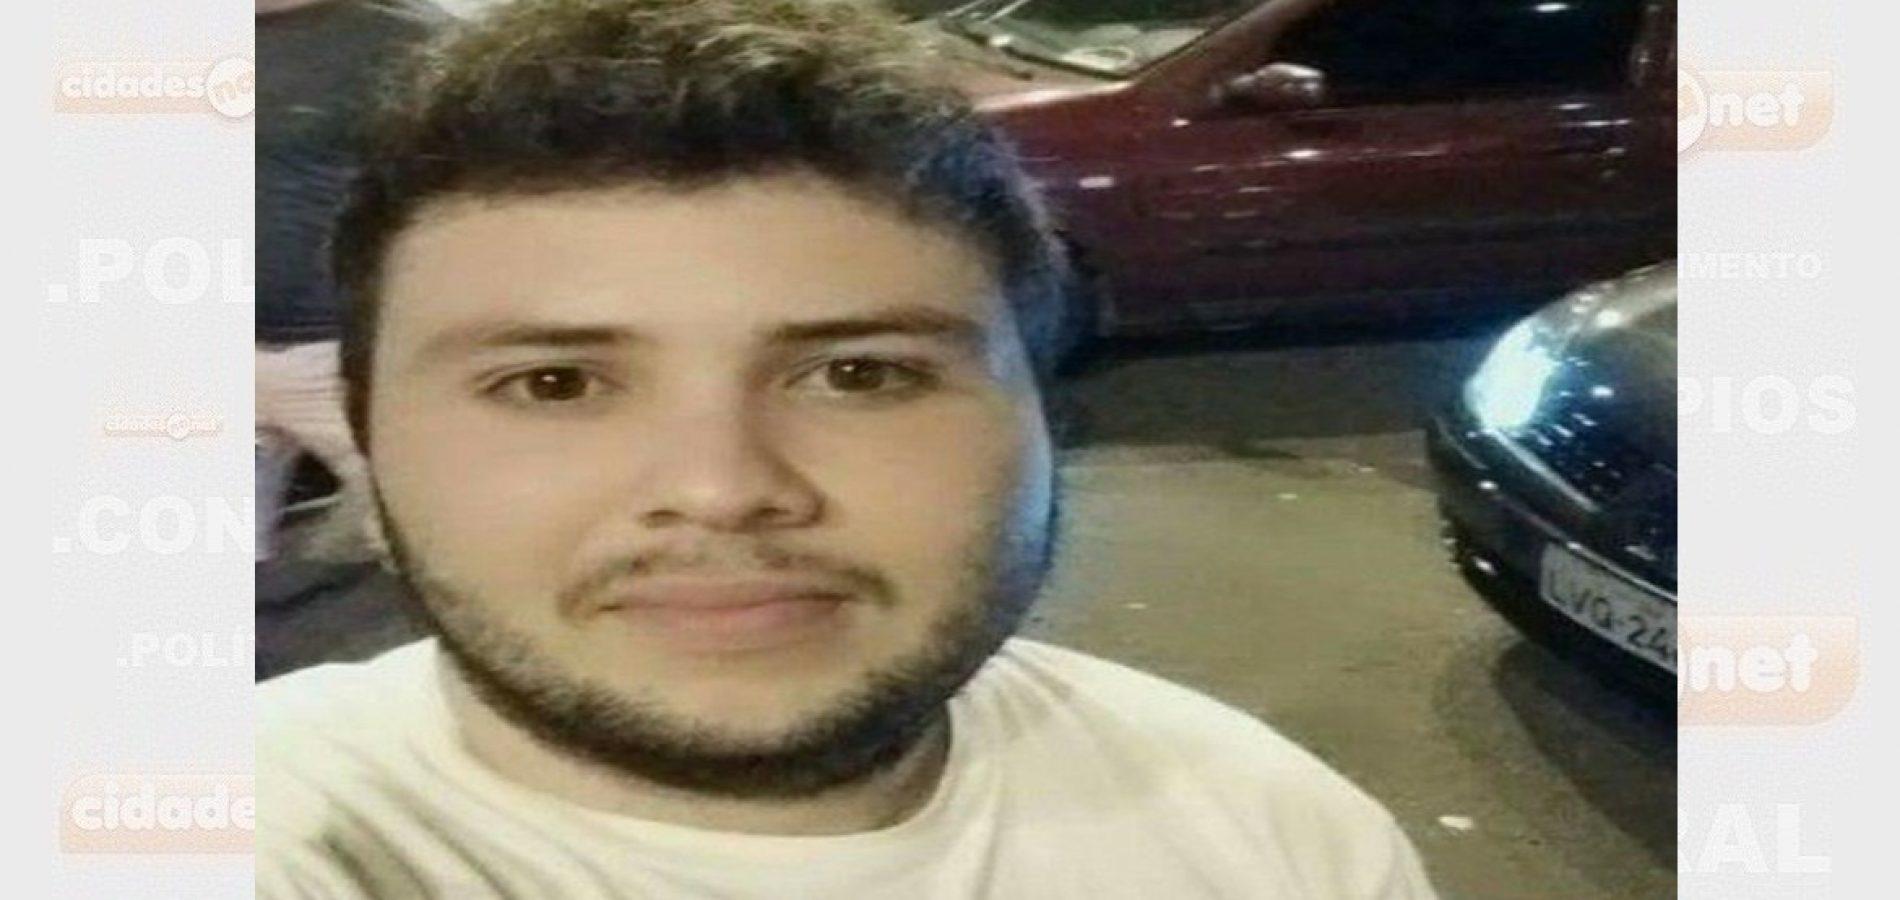 Jovem arrastado por veículo em Teresina tem morte cerebral